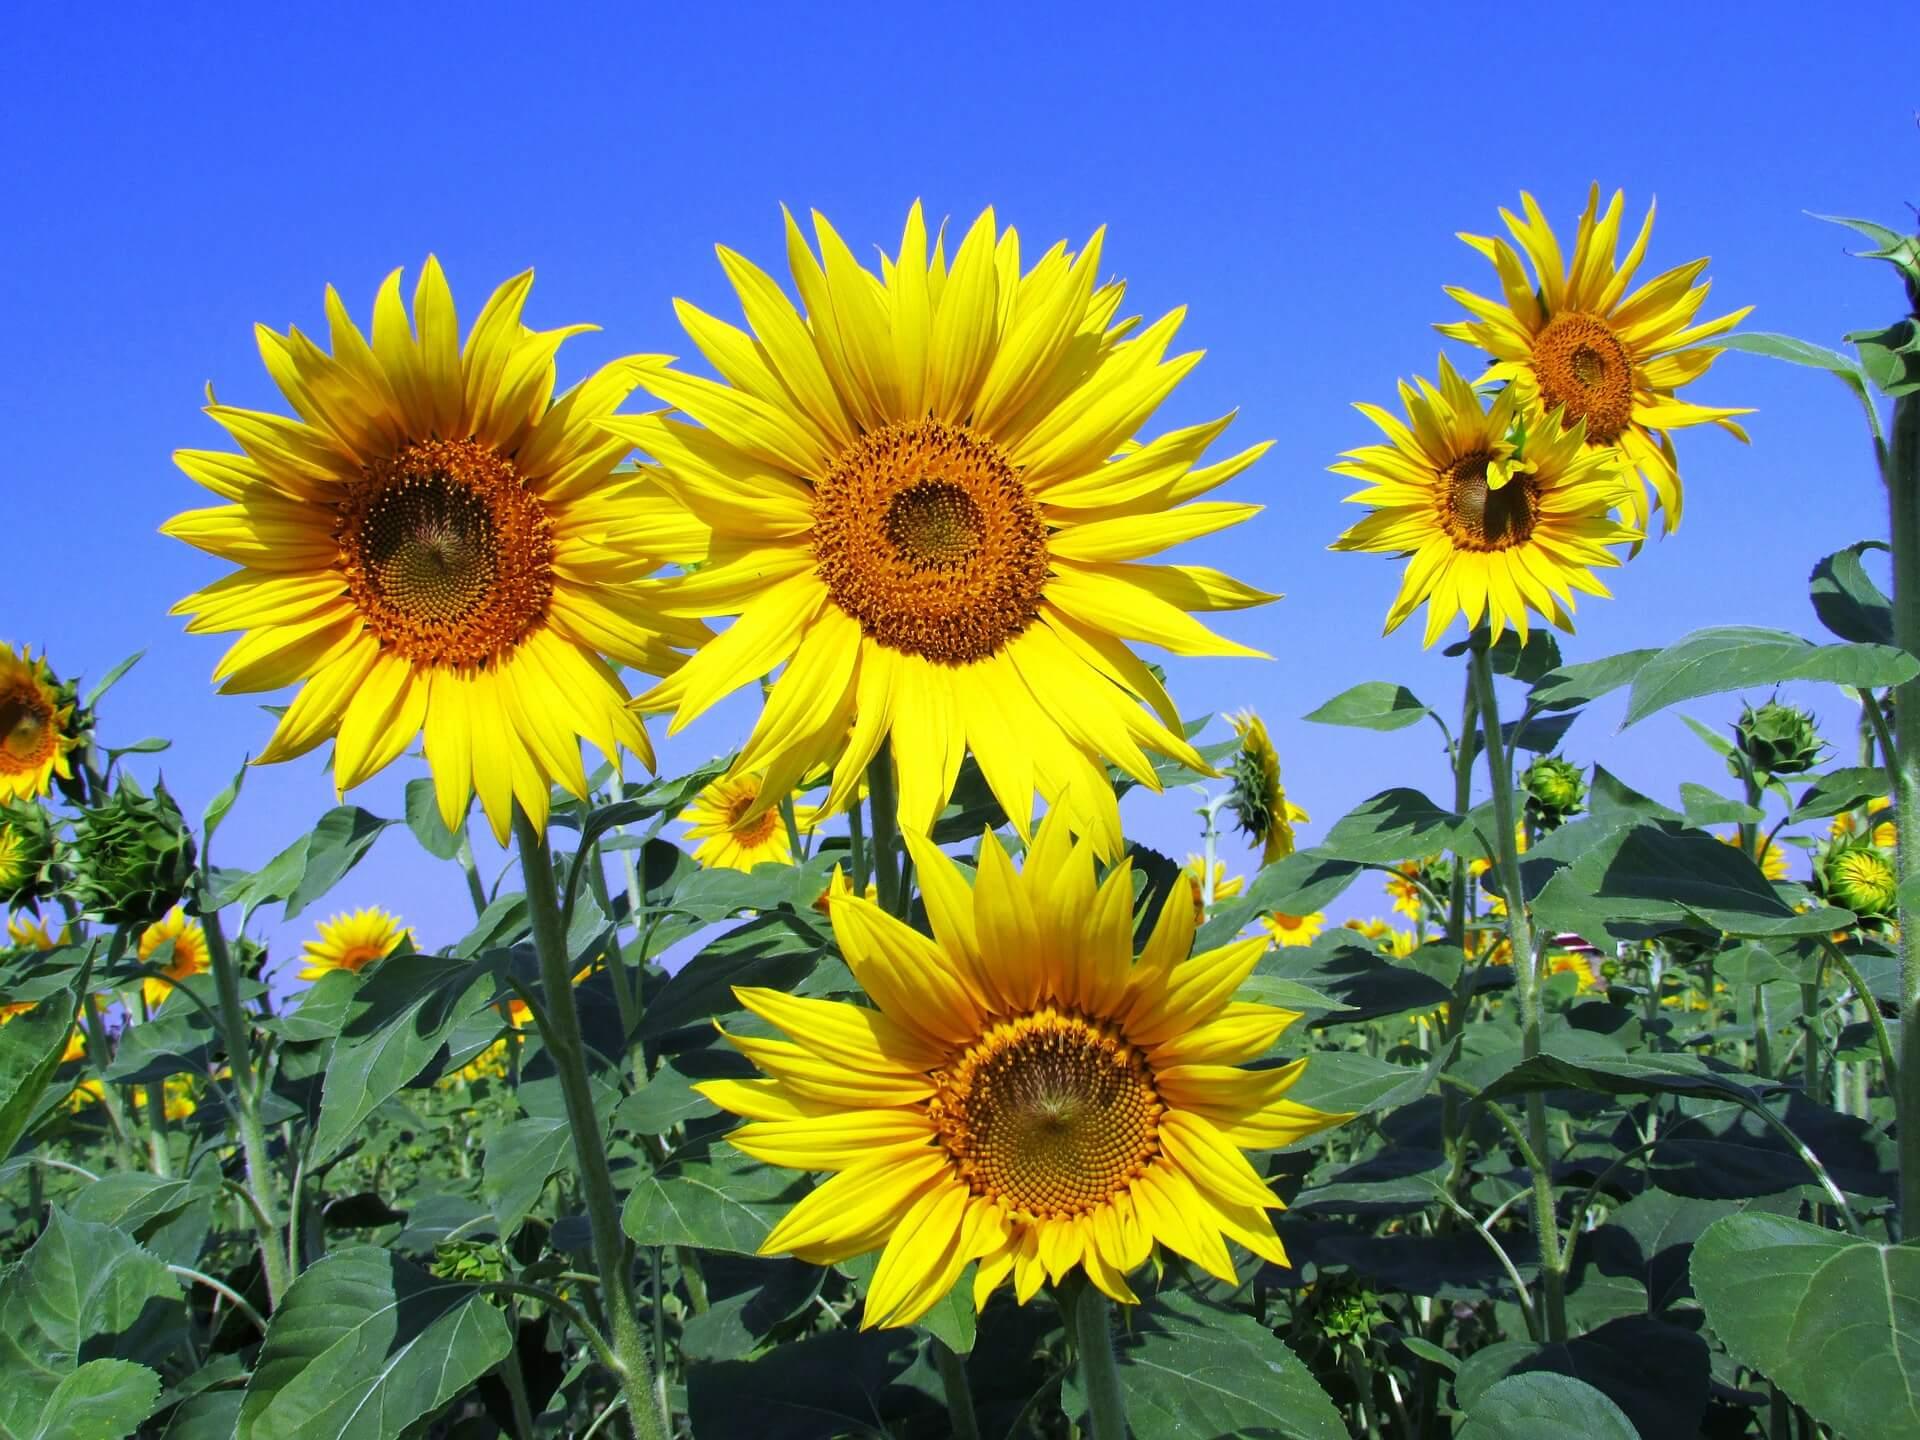 Symbolbild Wachstum. Sonnenblumen in Nahaufnahme